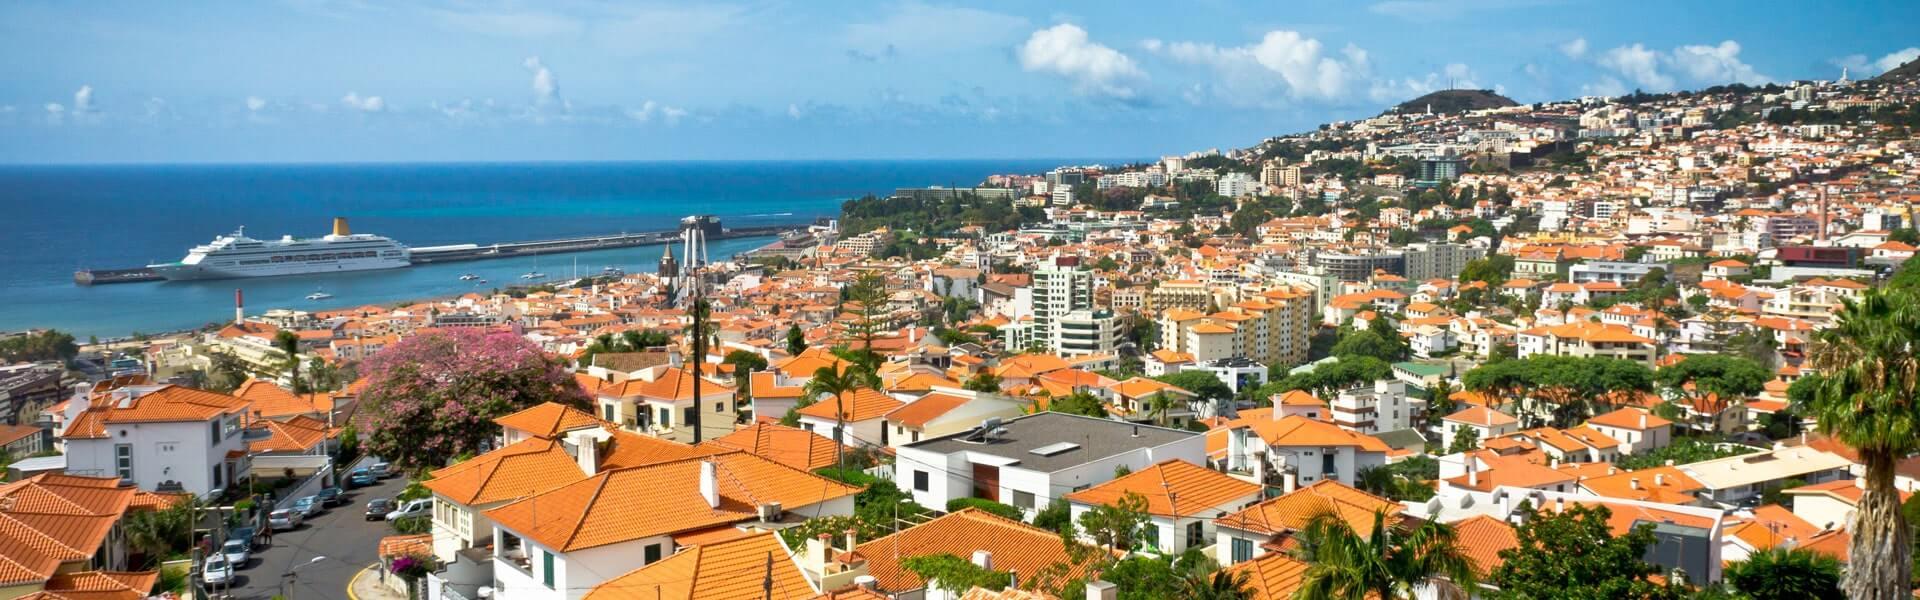 Stadtviertel auf Madeira mit Aussicht aufs Meer